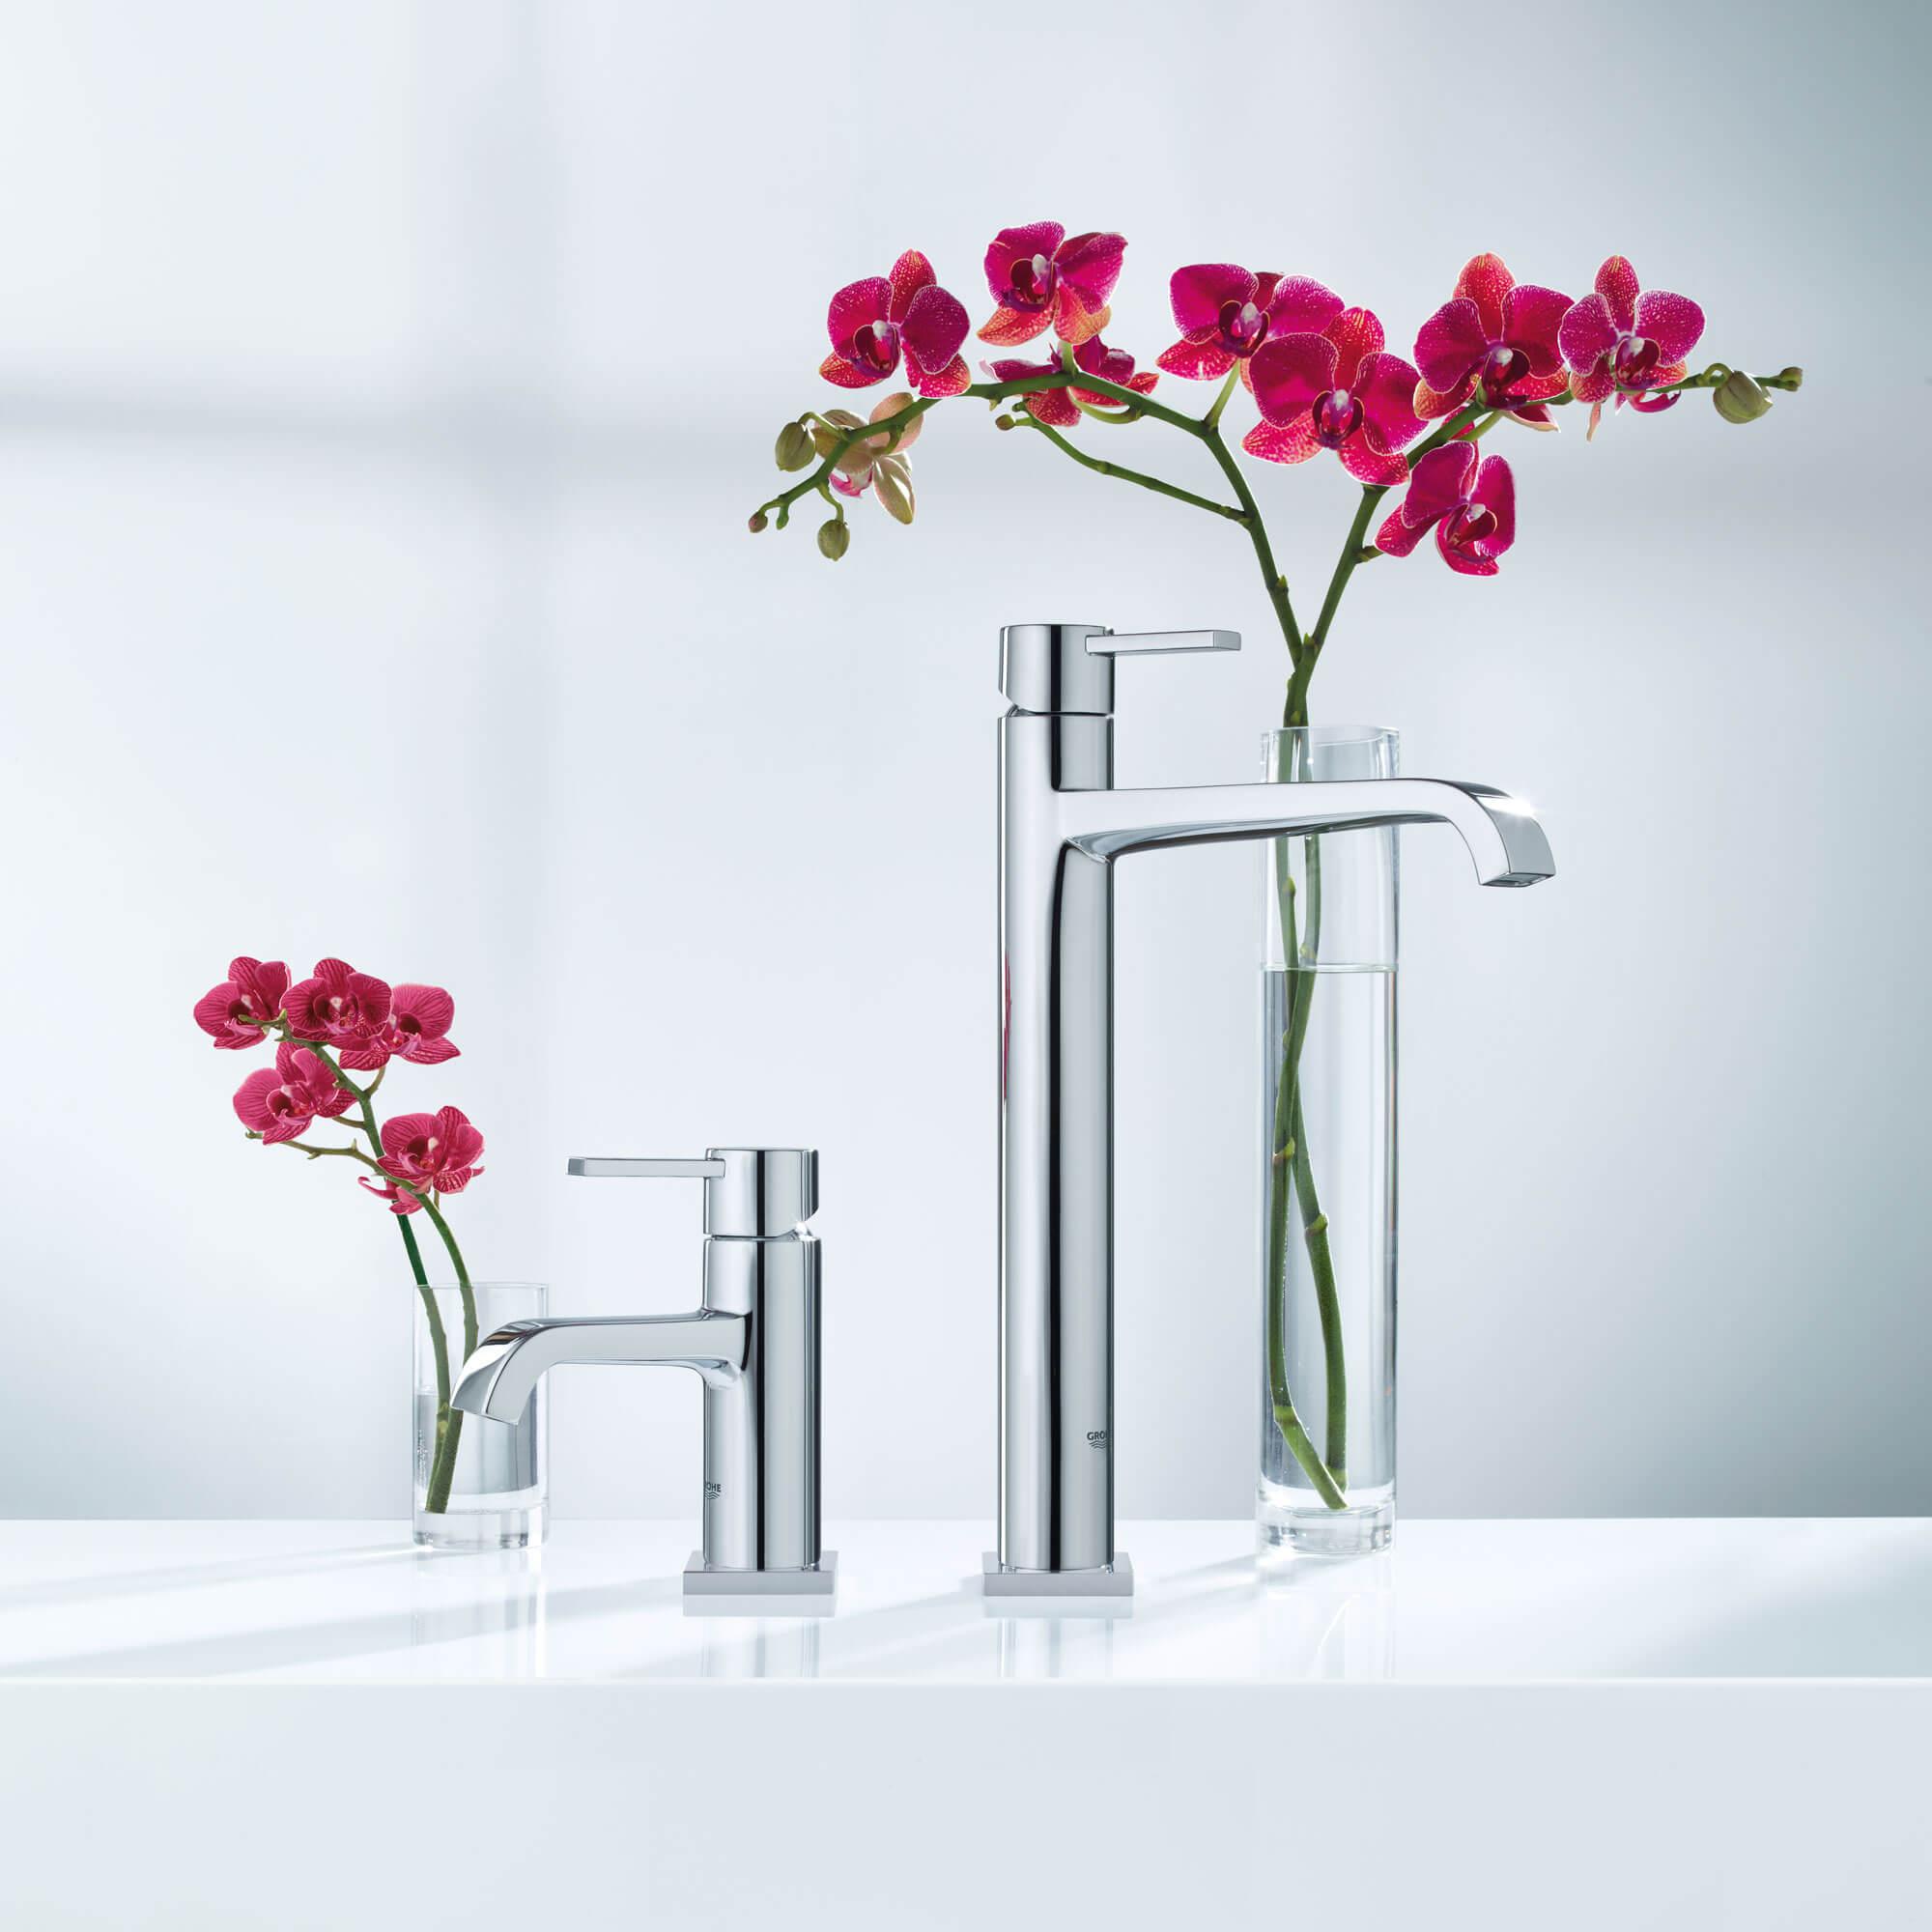 Deux robinets Grohe à côté de deux verres remplis de fleurs.